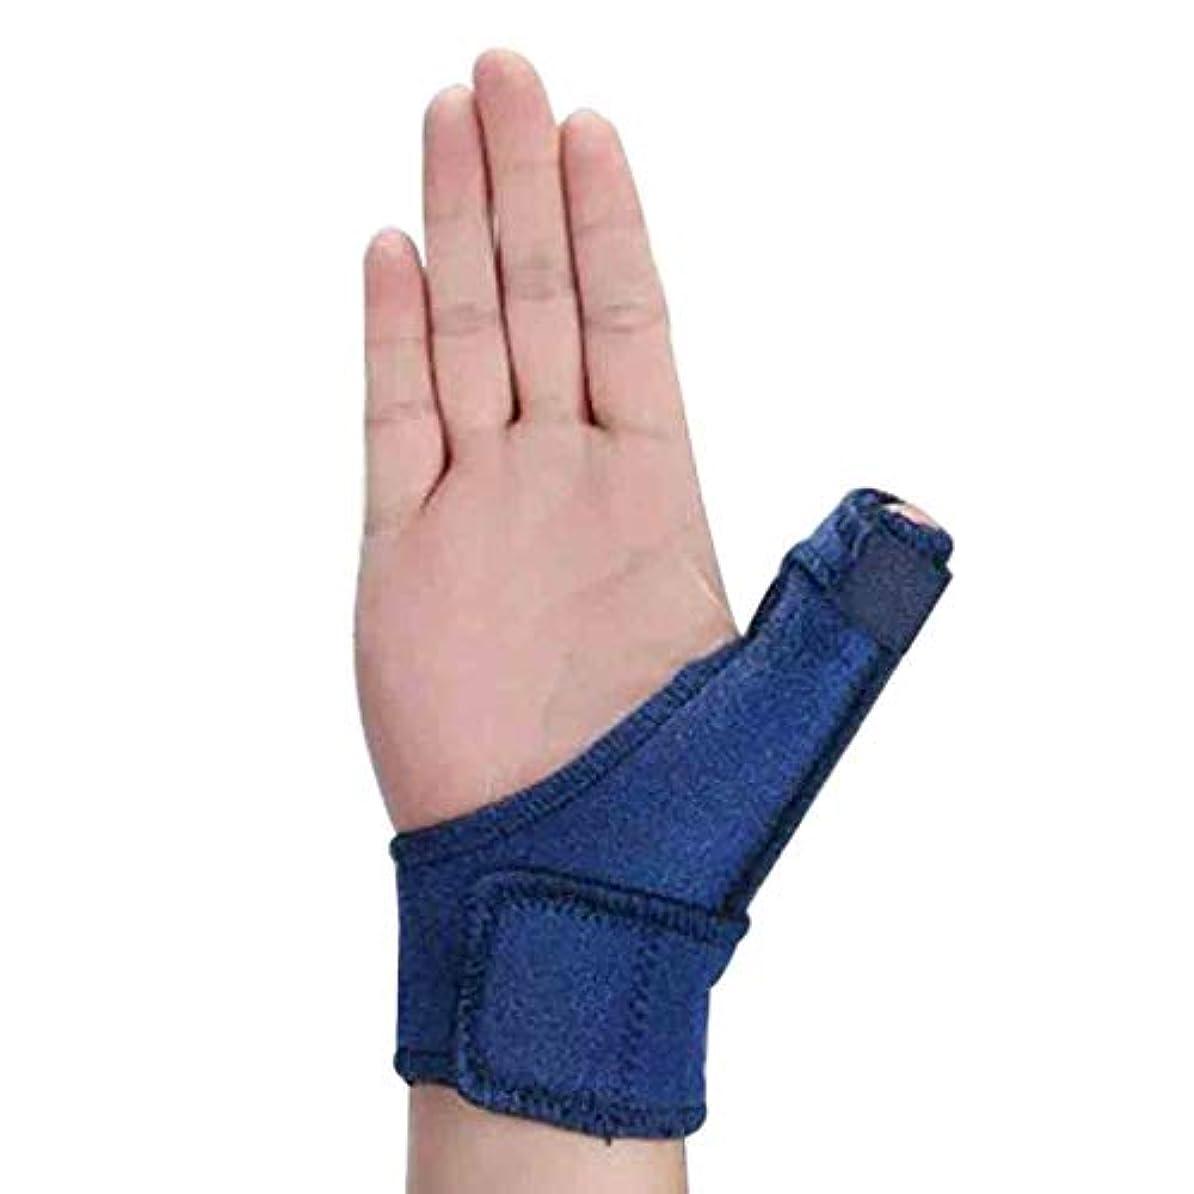 パック褐色徐々にトリガーのための調節可能な親指スプリント親指リストストラップブレース親指スプリント親指関節炎痛み緩和ブレース(1個、ユニセックス、左&右の手青) Roscloud@